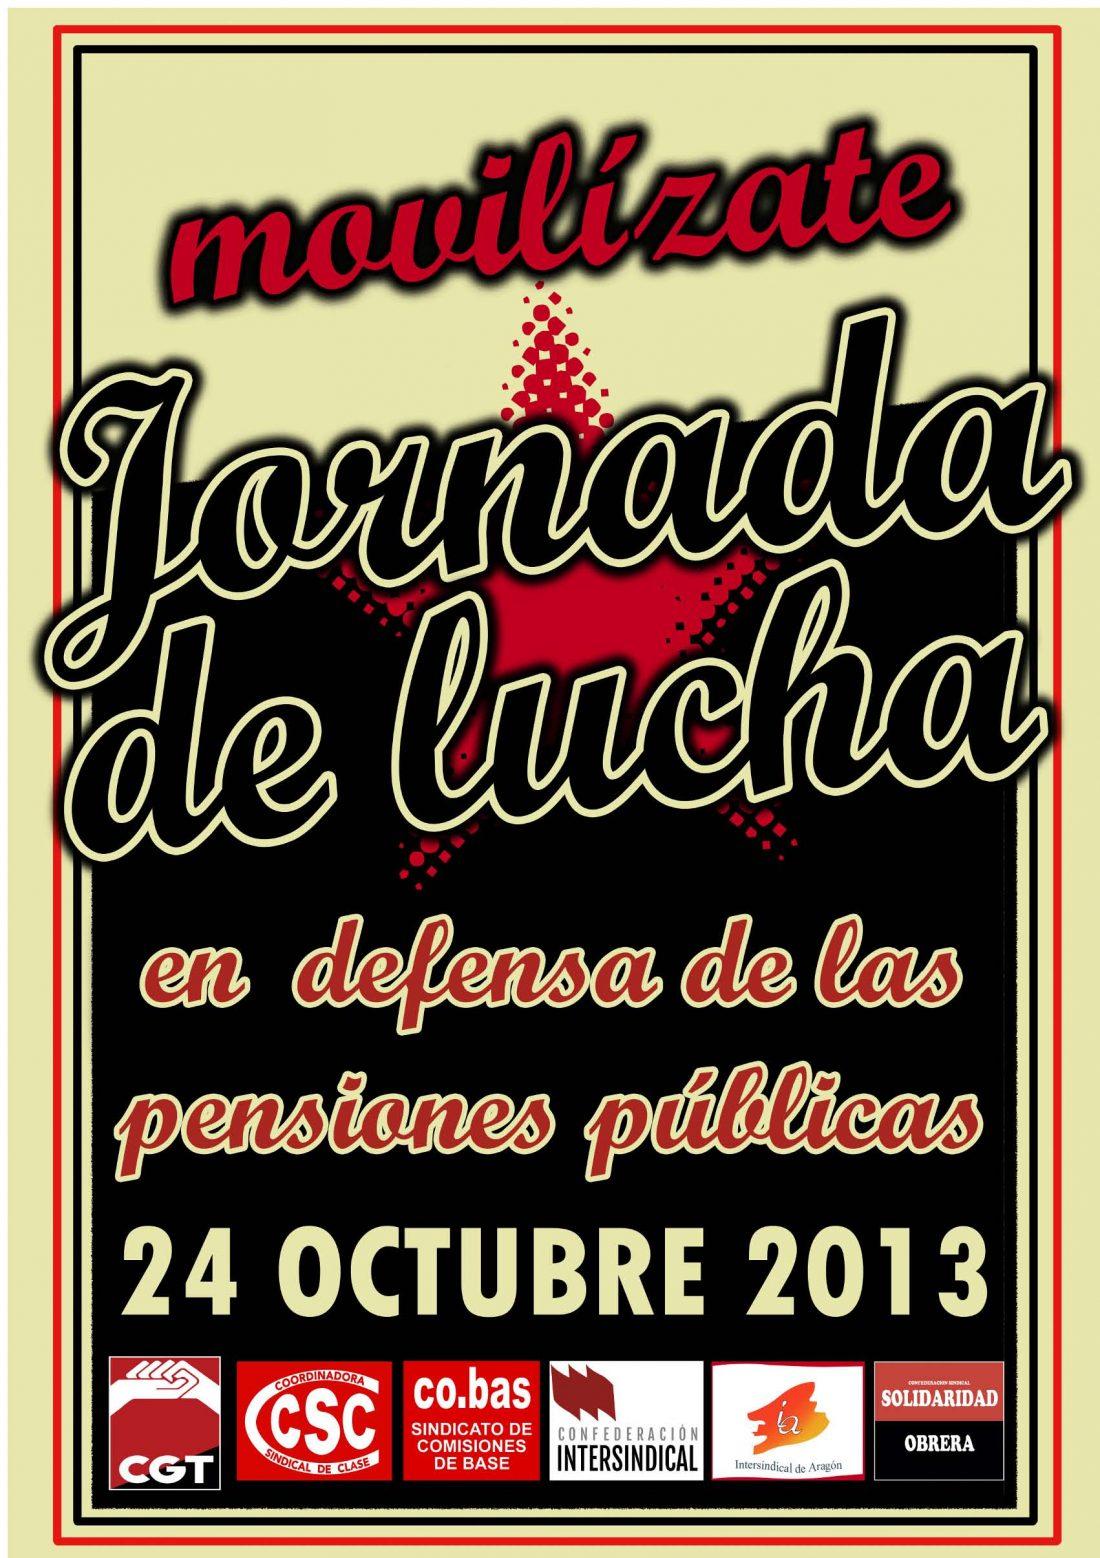 Sindicatos alternativos convocan manifestación el 24 de octubre en Madrid contra la reforma de las pensiones